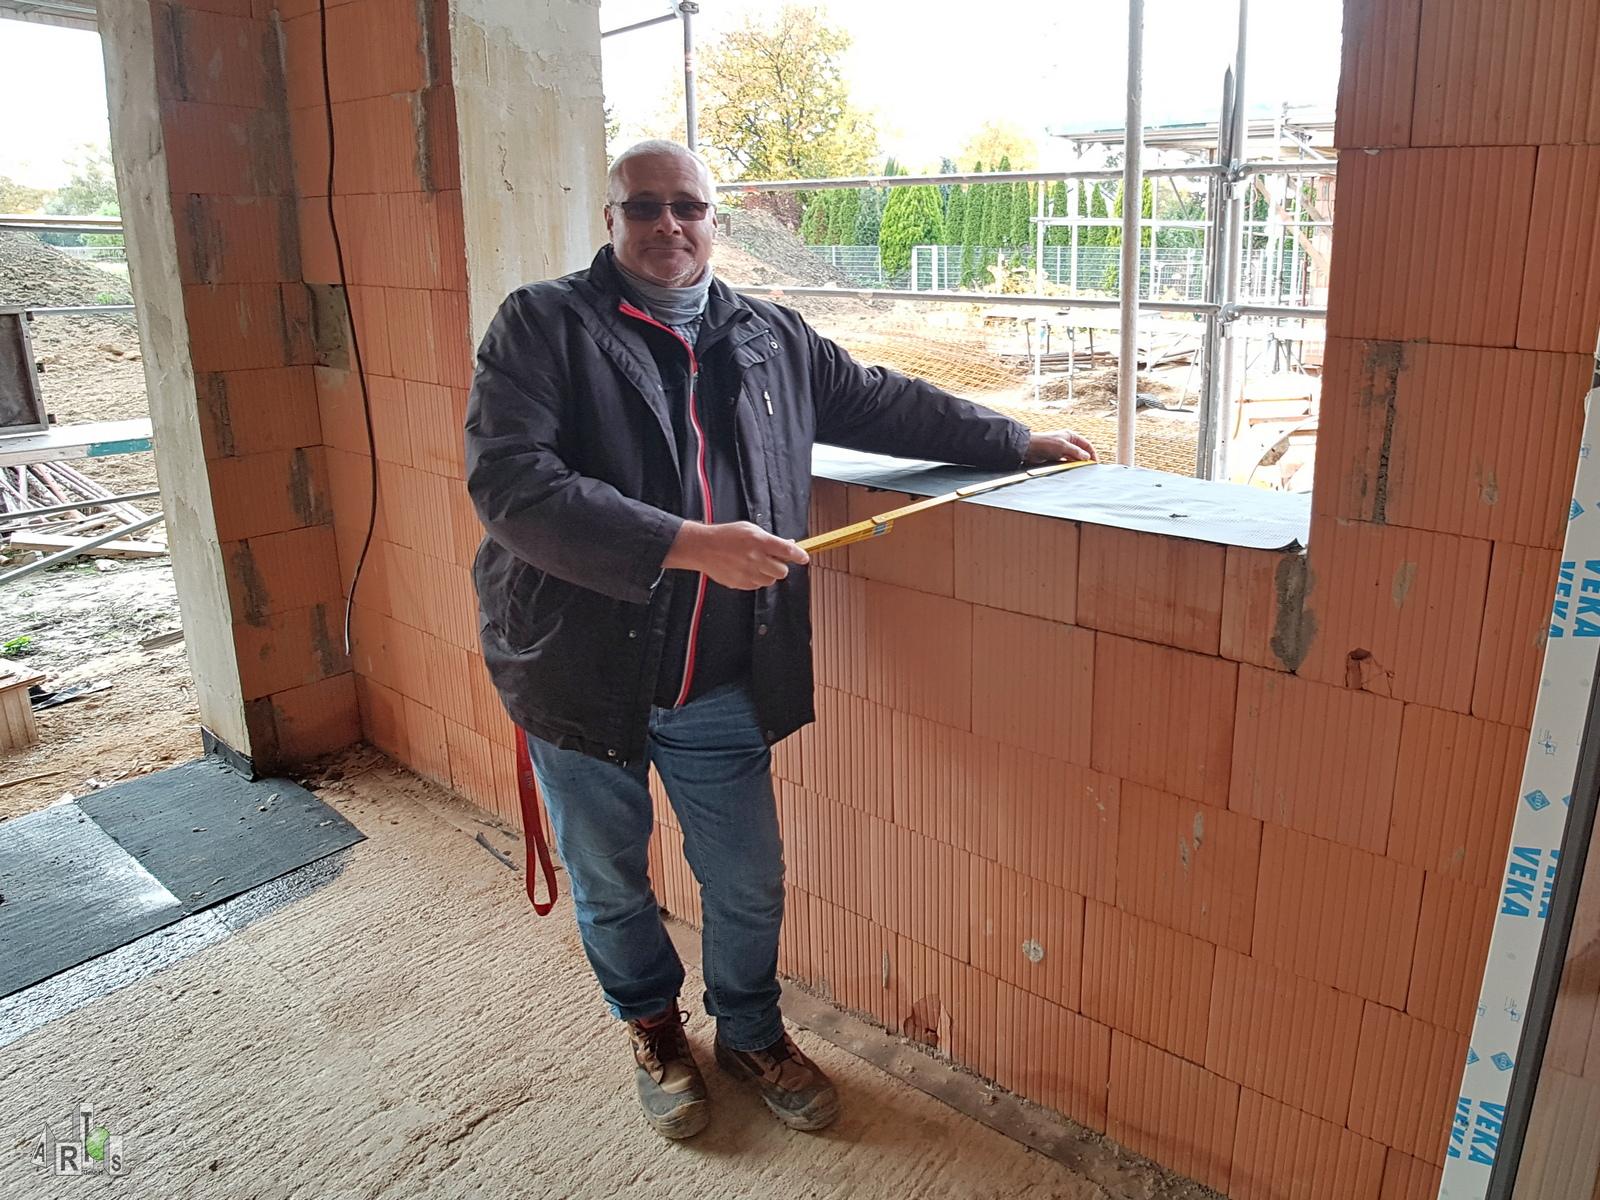 ARTOS Bauleiter Thomas Braun zeigt das 42,5 dicke Mauerwerk beim Bauvorhaben in Hürth. Bild 1